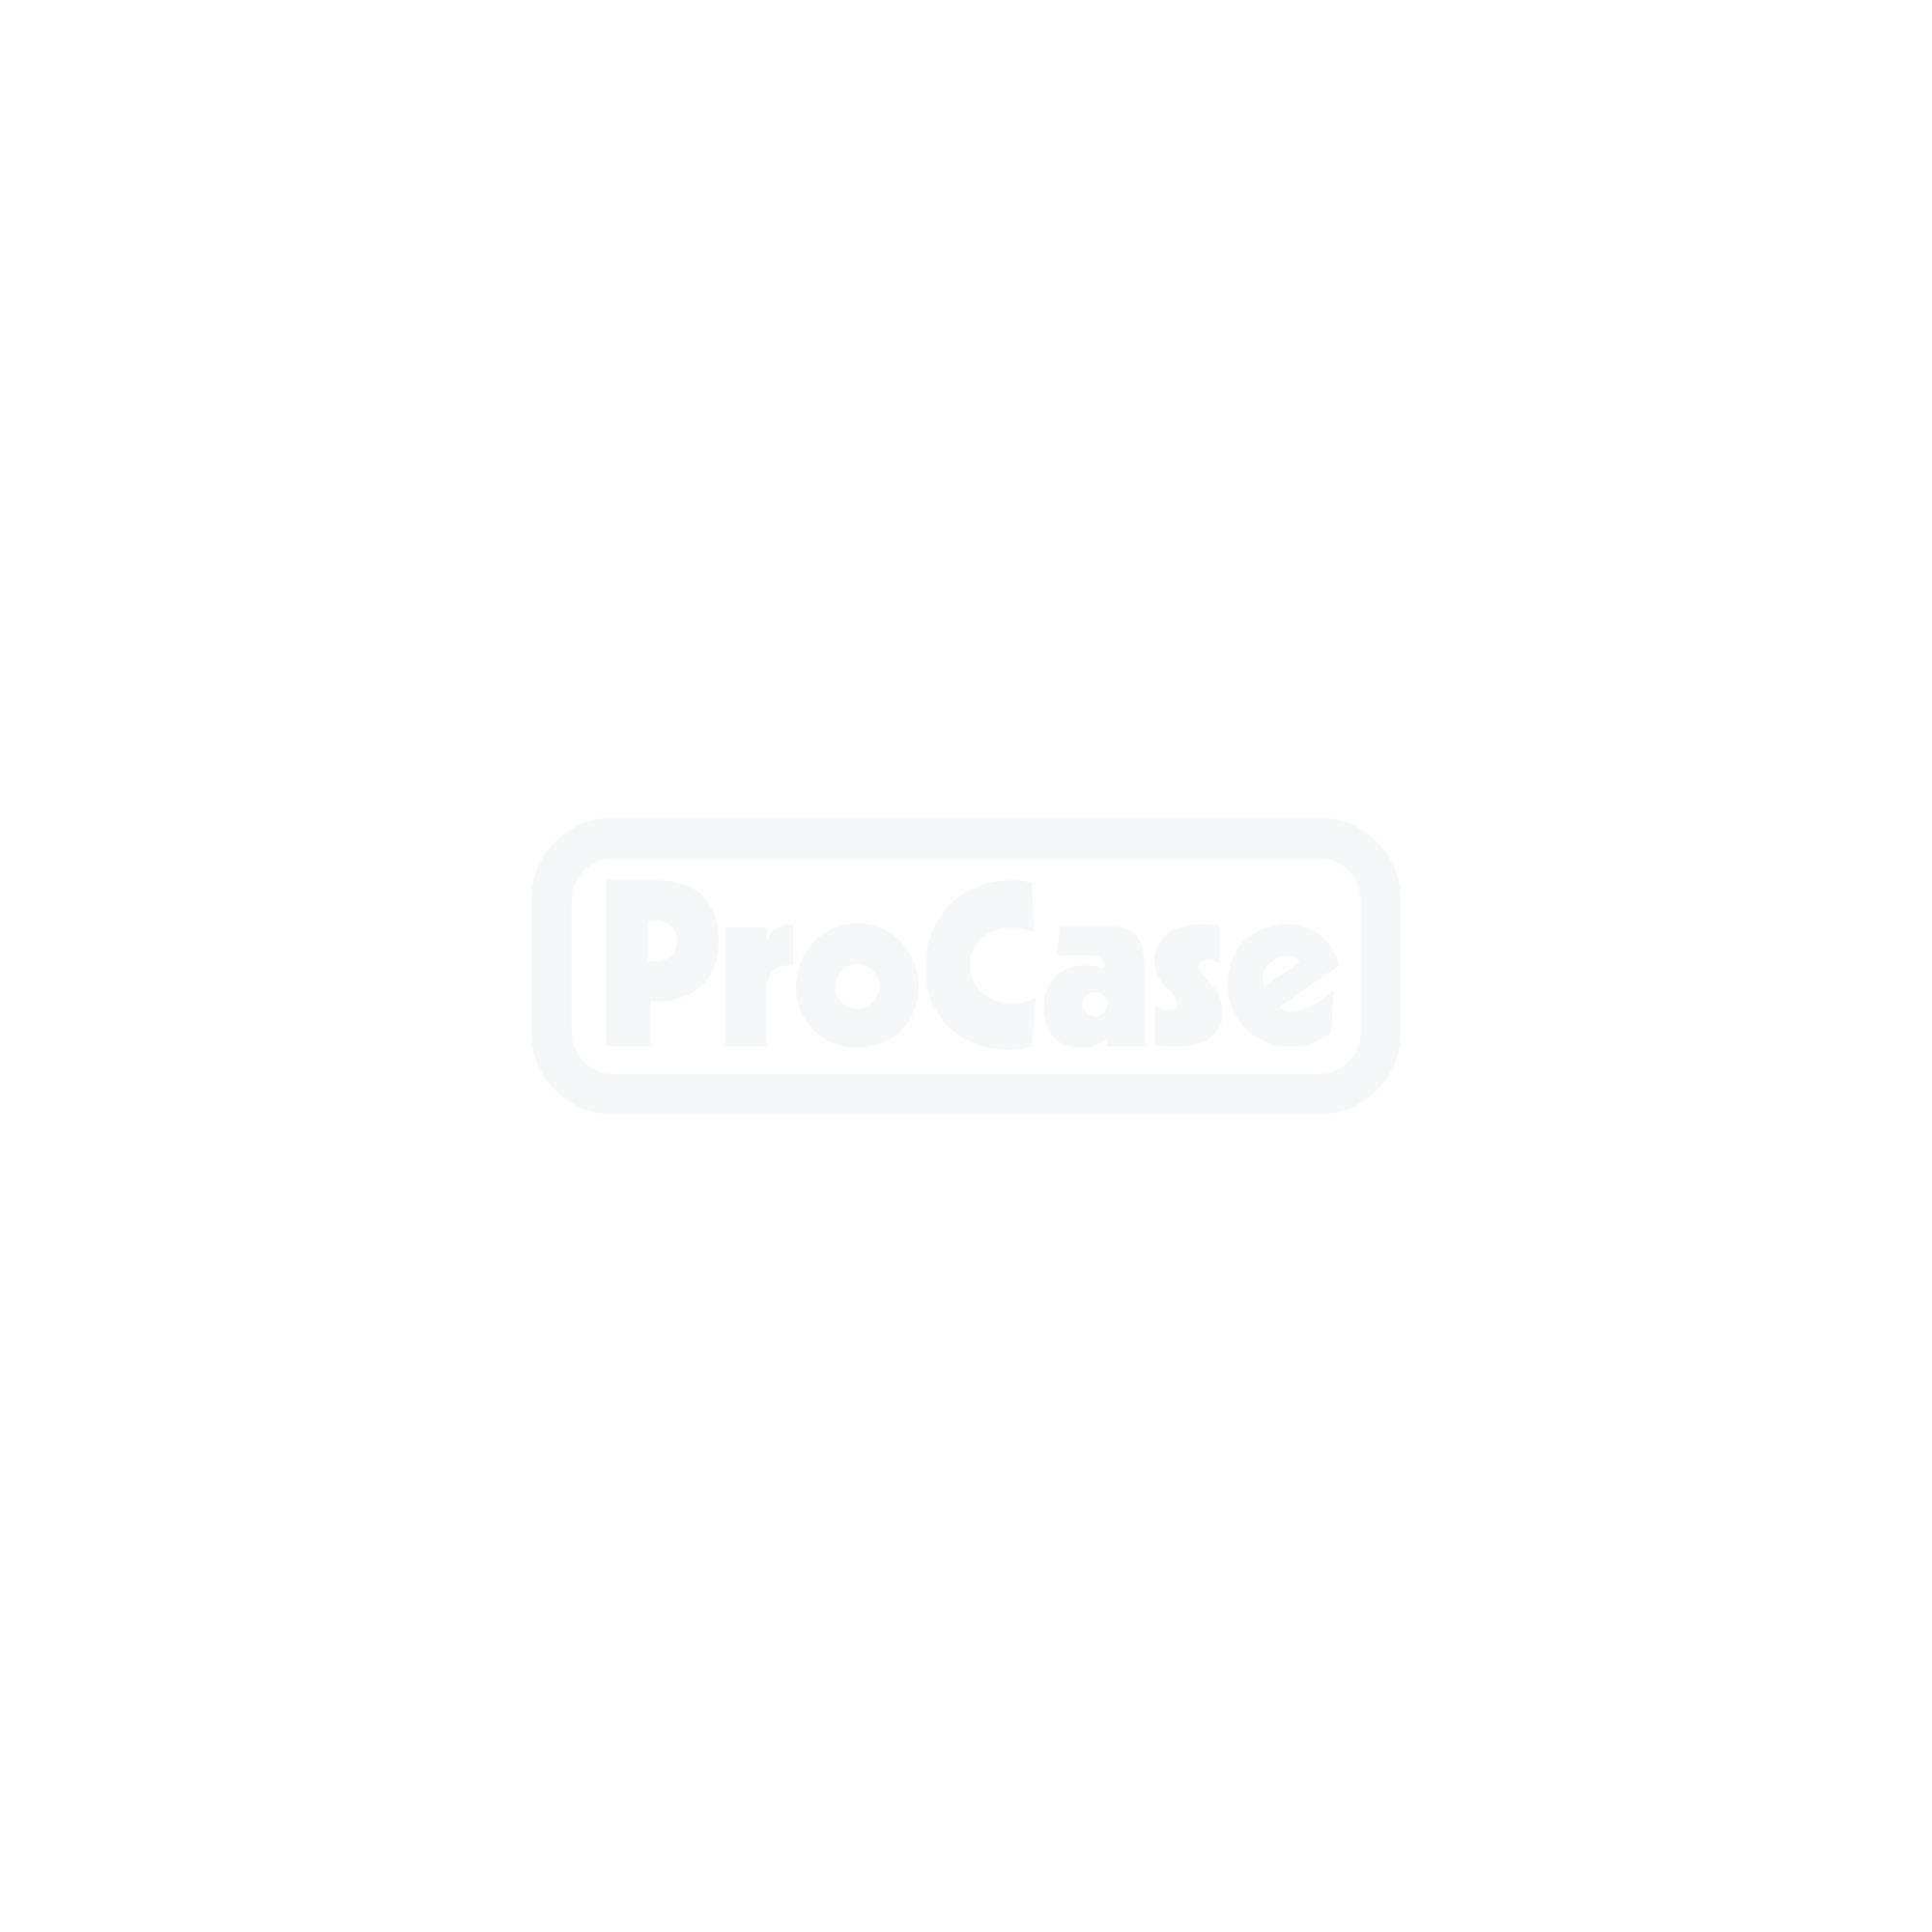 transportkoffer f r 16 lto b nder lto ultrium cartridges. Black Bedroom Furniture Sets. Home Design Ideas